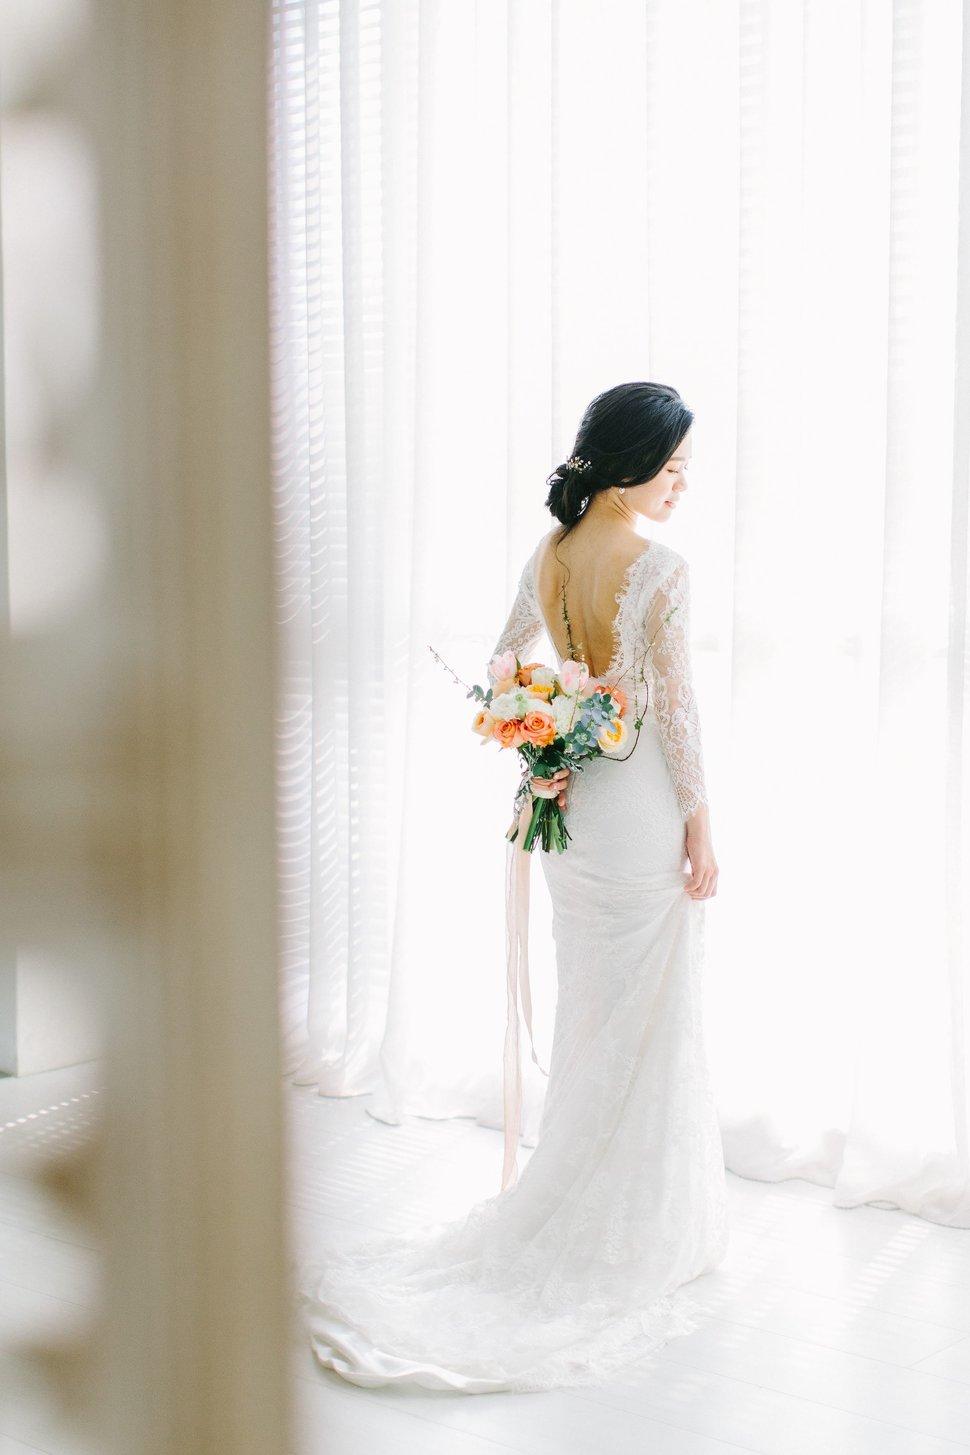 美式婚紗-自助婚紗-戶外婚紗-Amazing Grace攝影- Amazing Grace Studio-台北婚紗-台中婚紗-美式婚攝60 - Amazing Grace Studio《結婚吧》